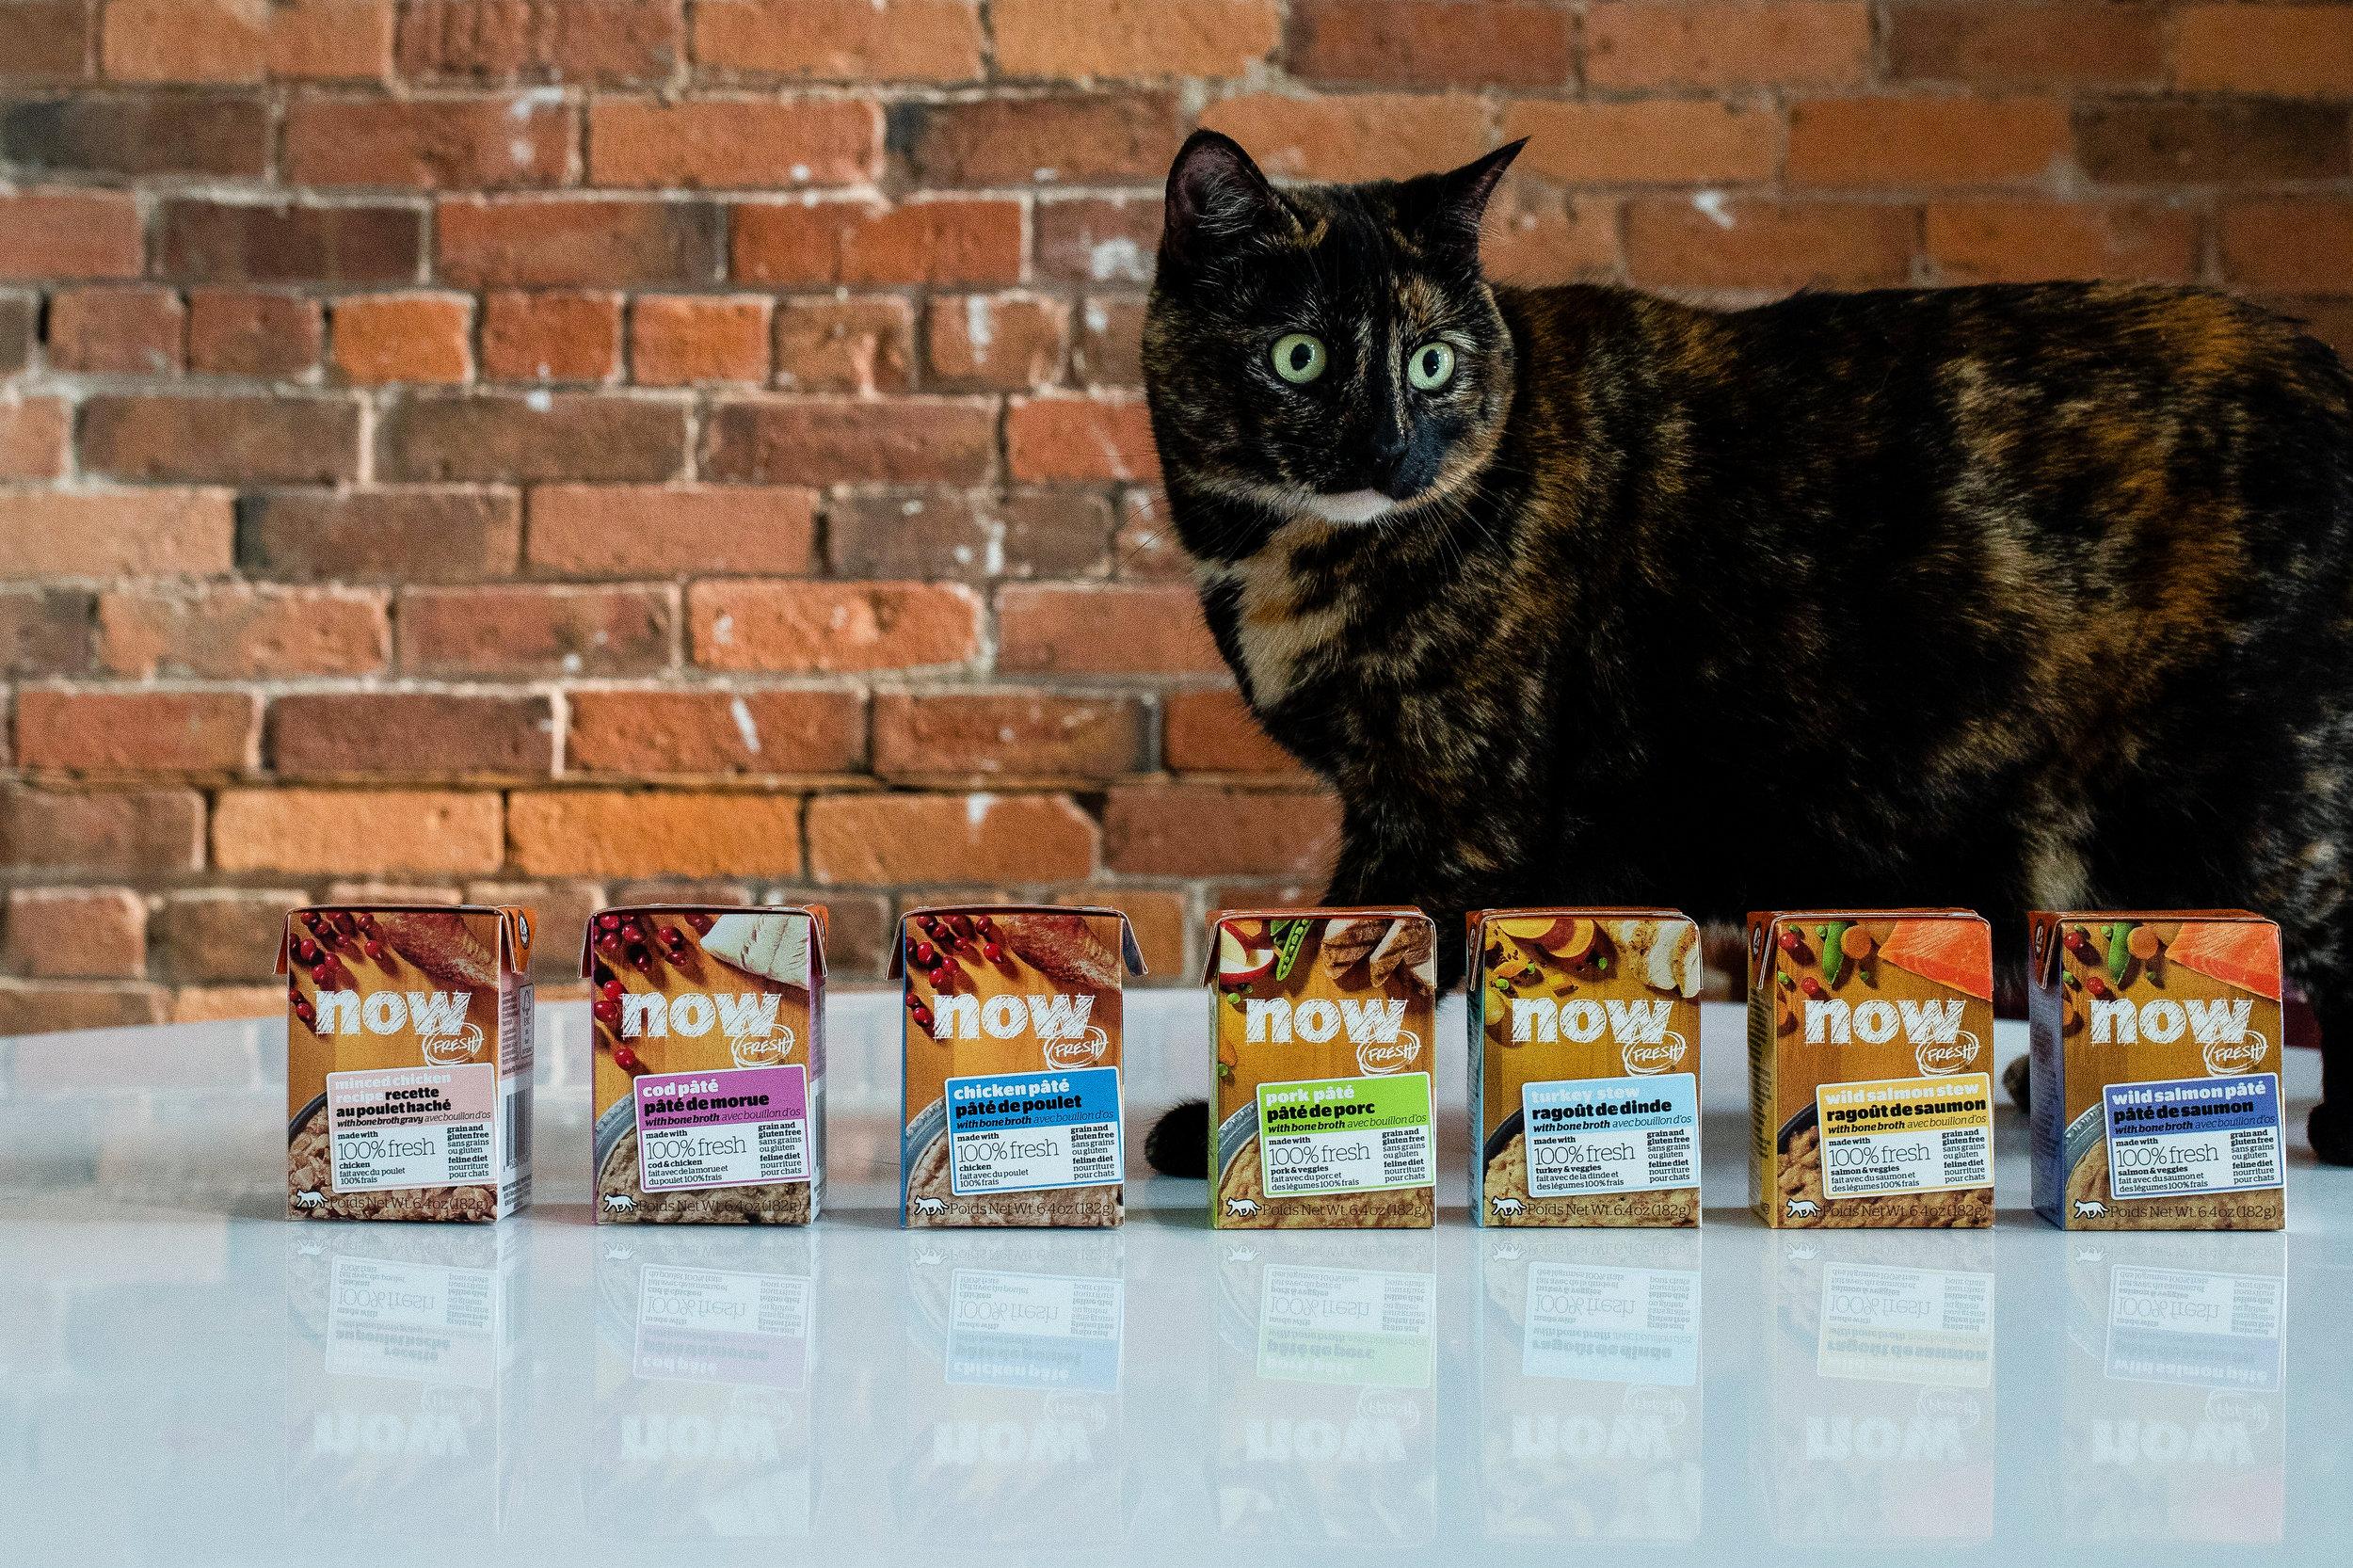 Petcurean-Brief-2-Cats-45 copy.jpg